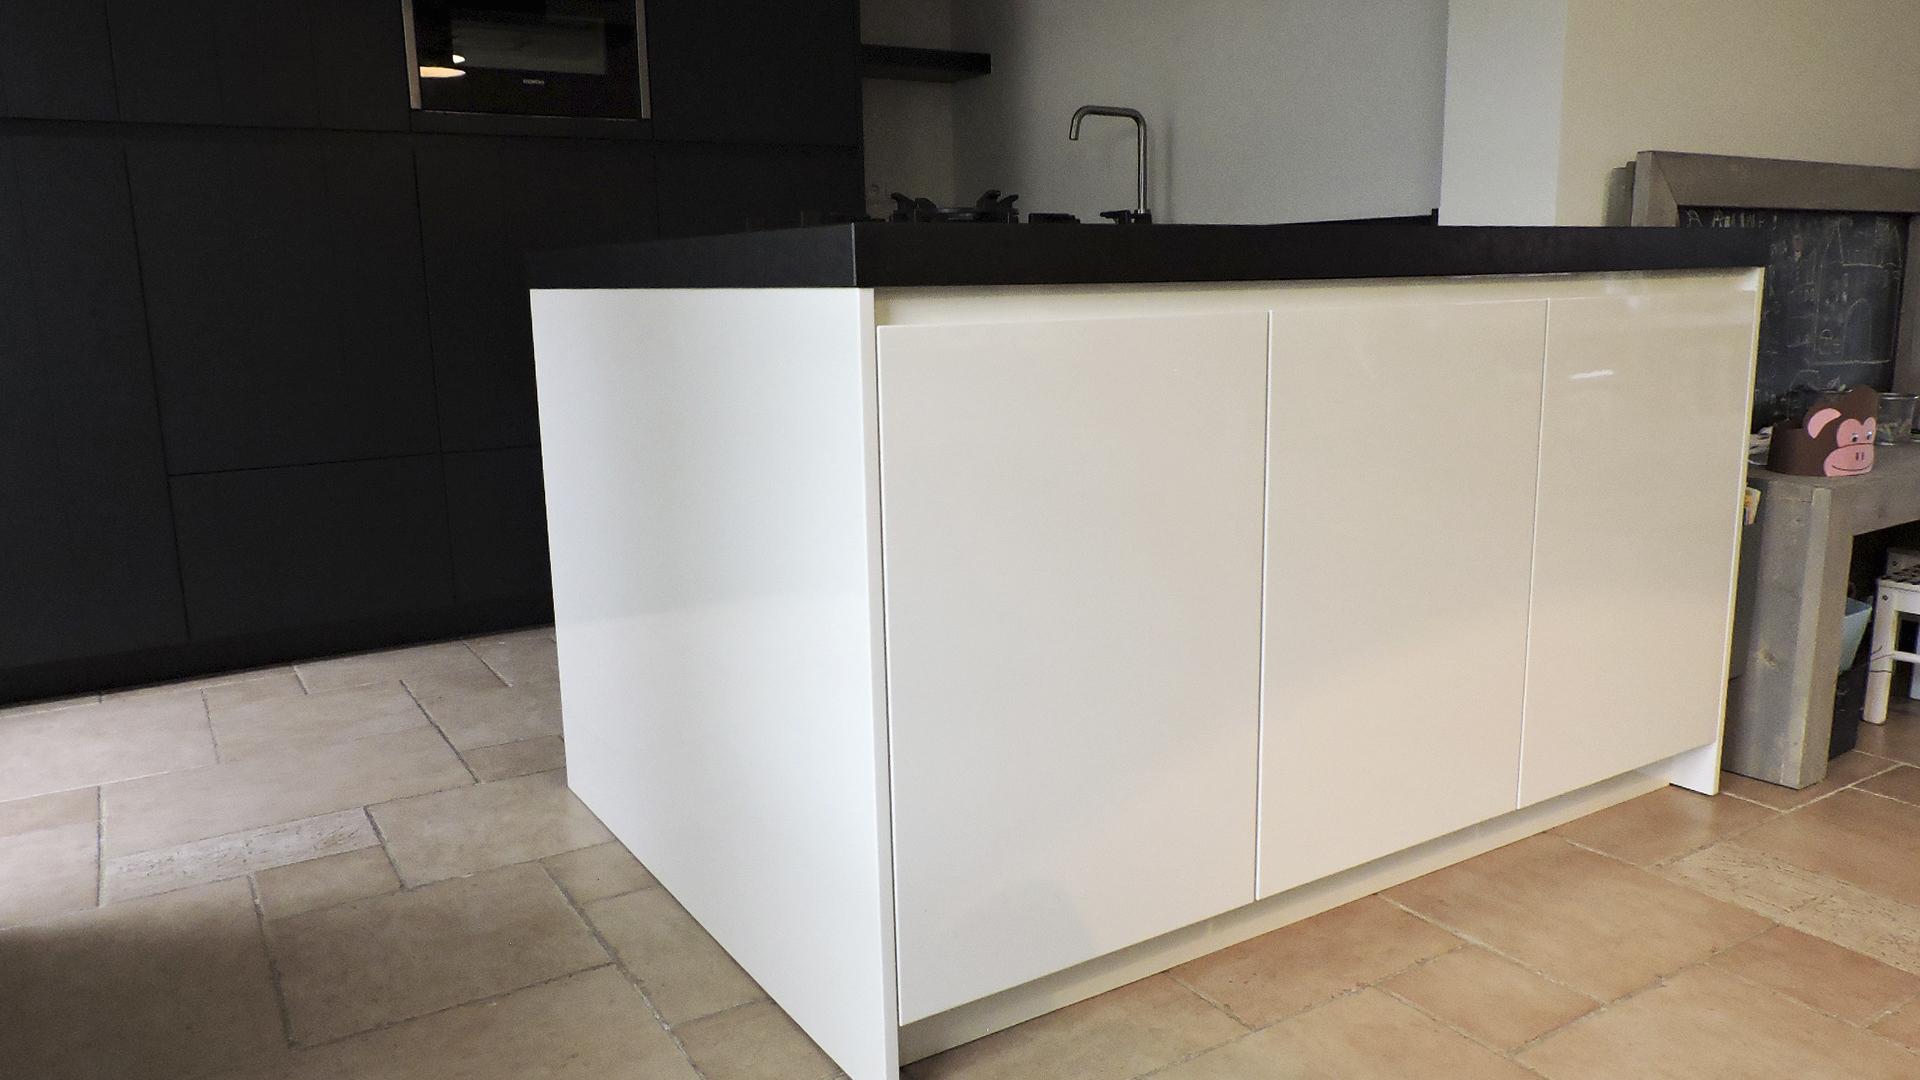 Strakke Zwarte Keuken : Moderne greeploze keuken donkergrijs met wit van doren maatinterieurs